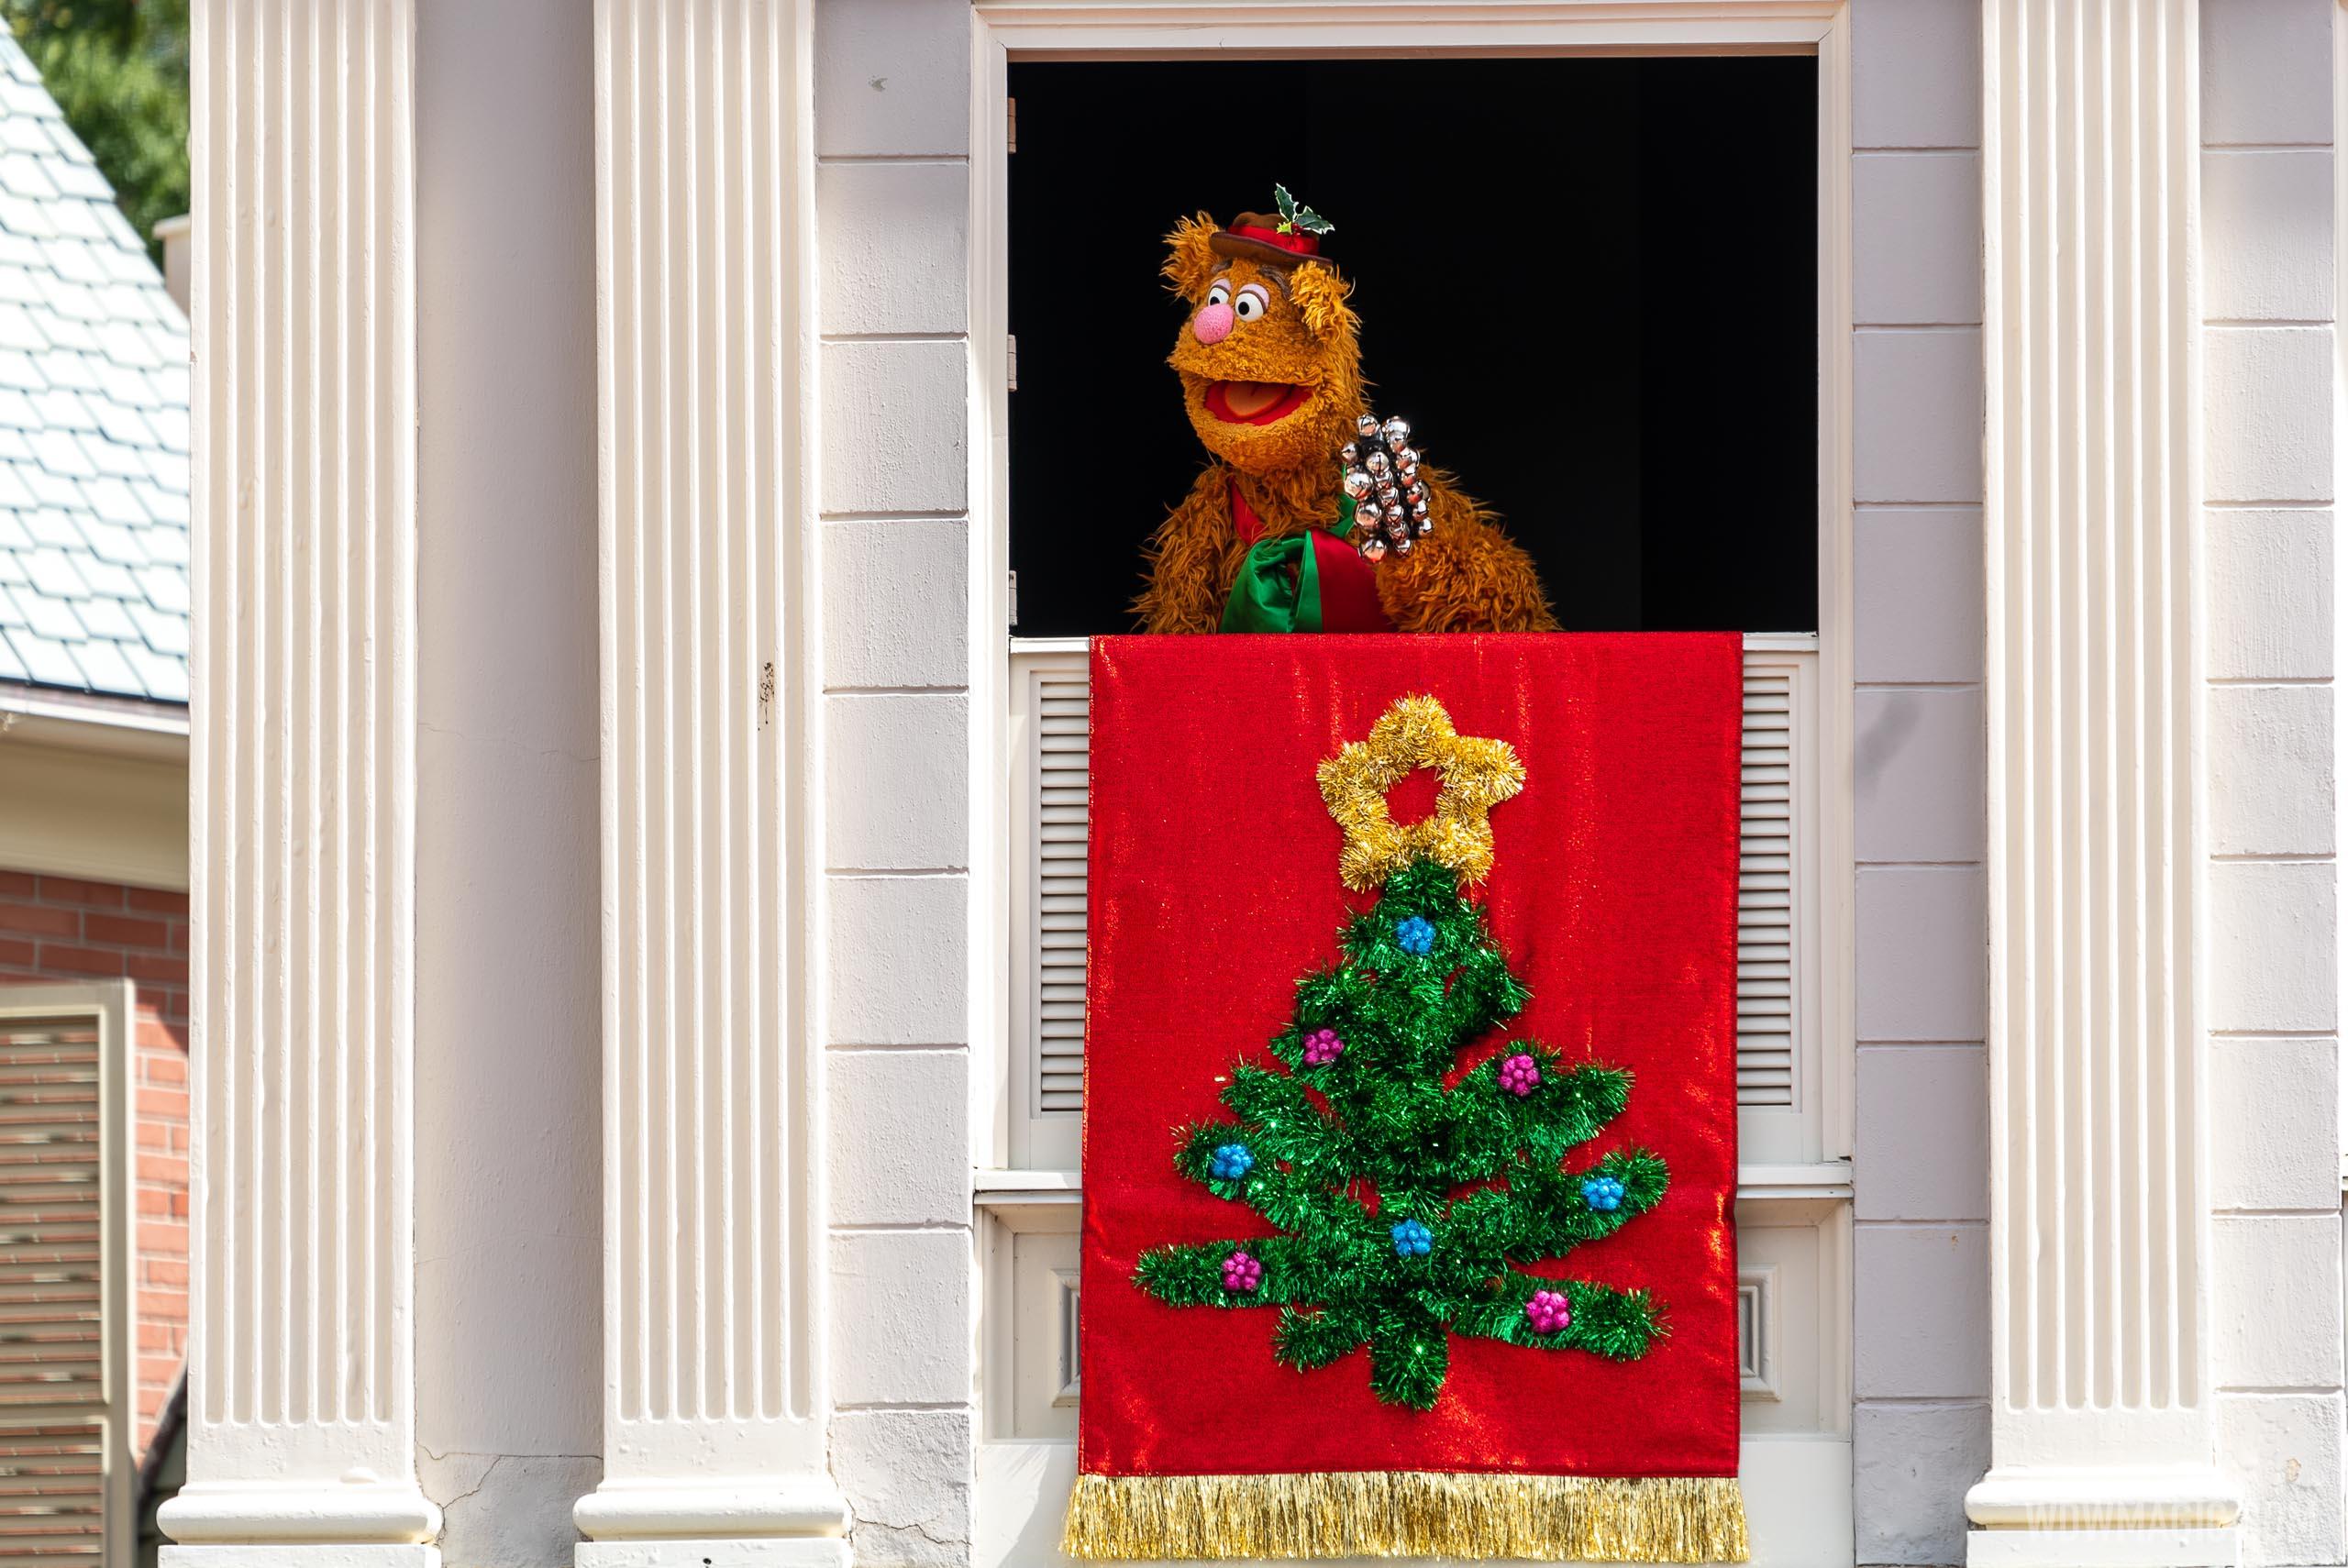 Muppets at the Magic Kingdom November 2020